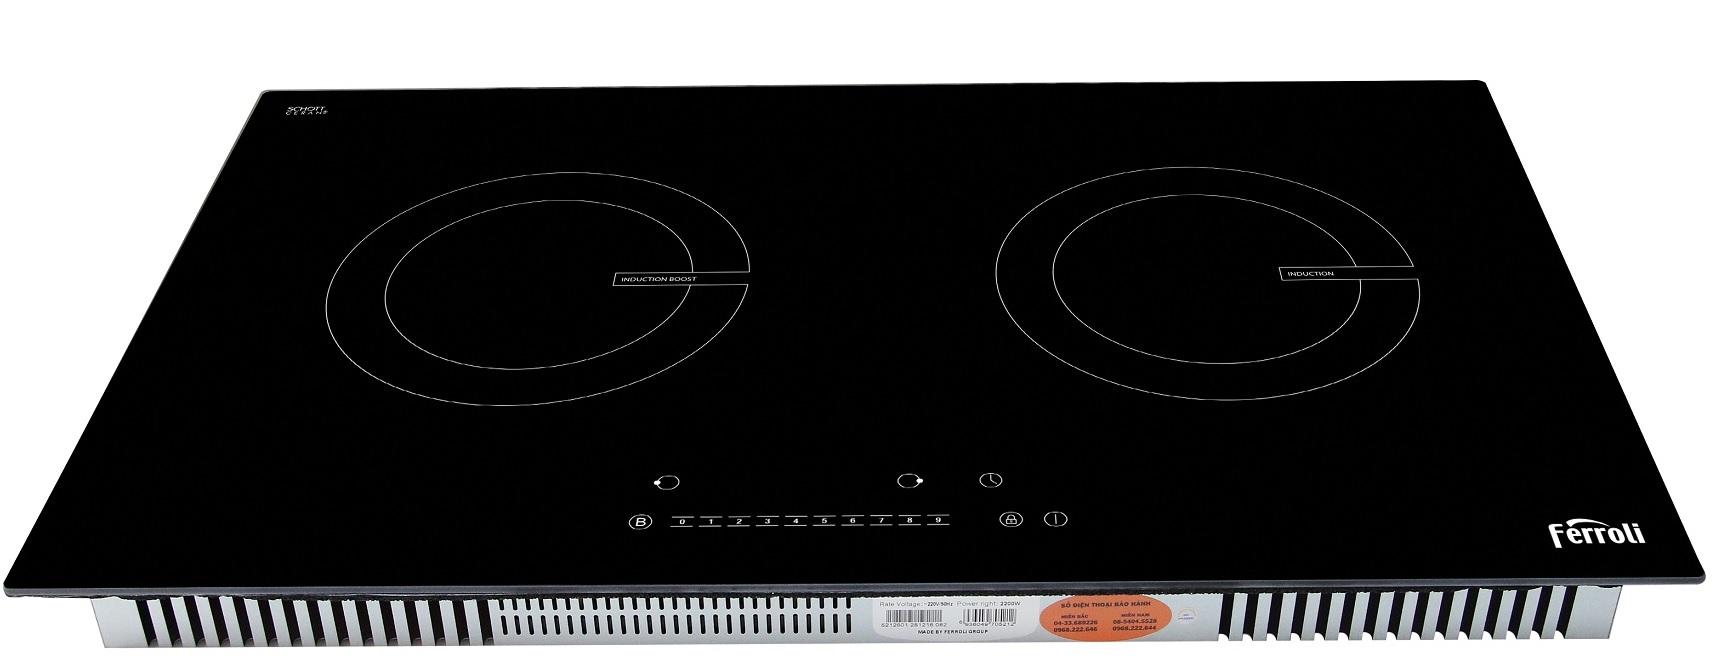 Bếp từ đôi Ferroli kính Schott, điều khiển số - ID4000BN